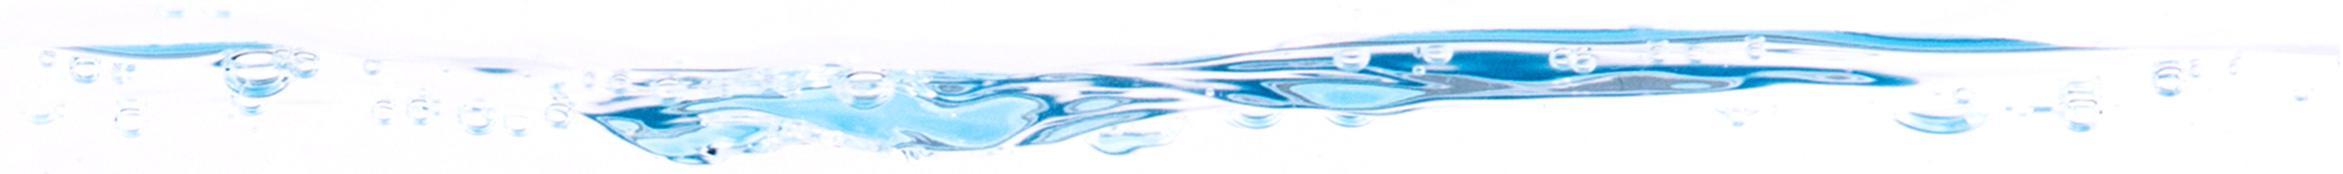 Μια άλλη εικόνα με νερό